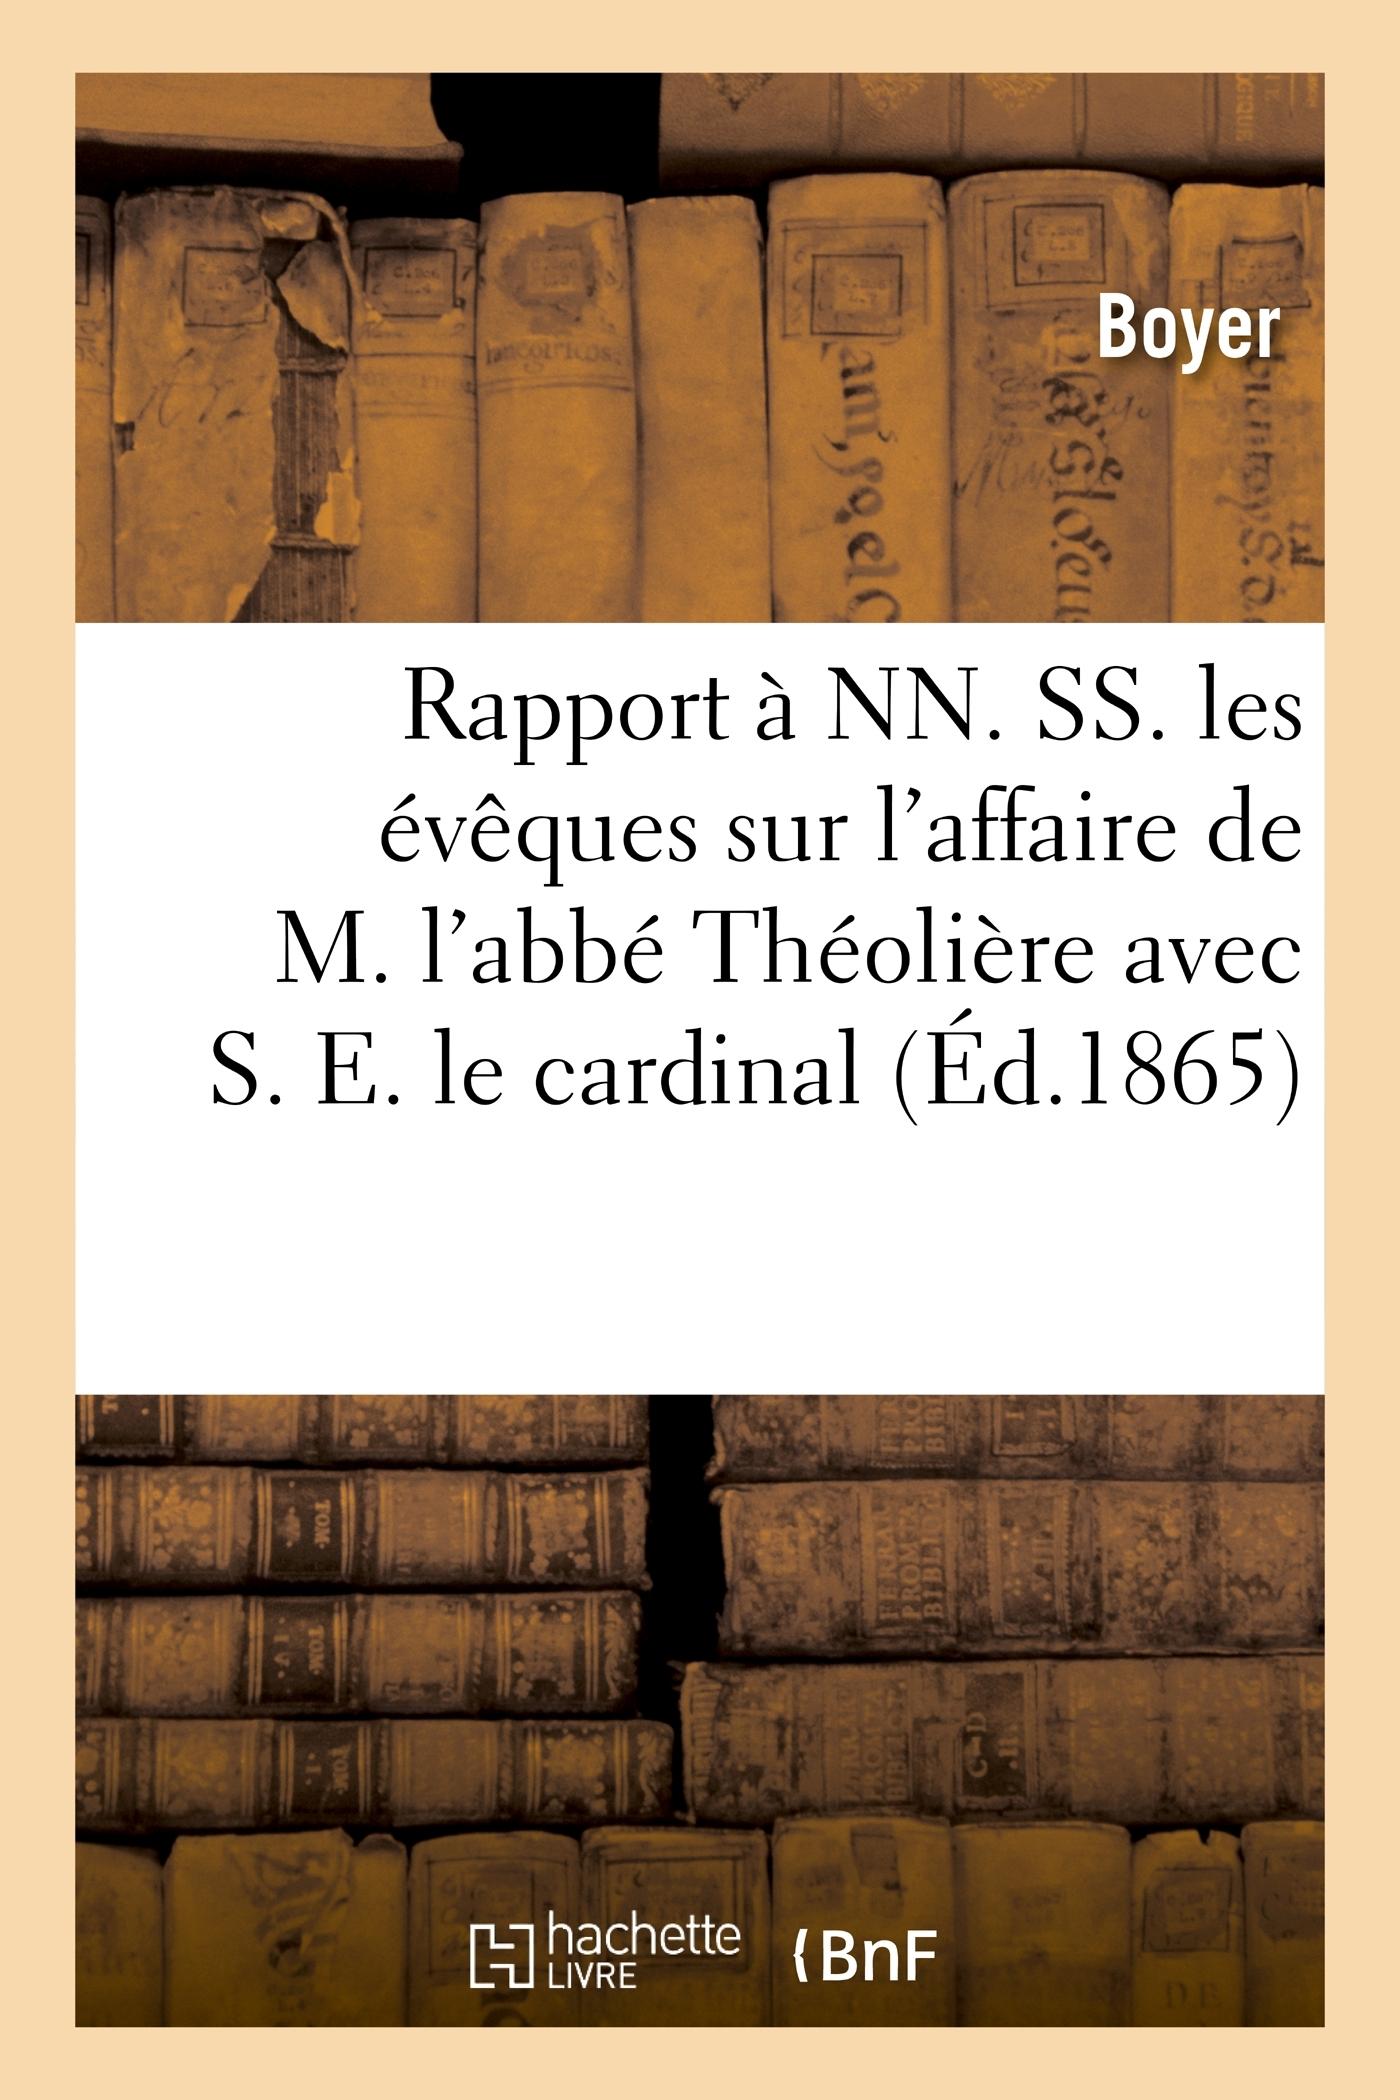 RAPPORT A NN. SS. LES EVEQUES SUR L'AFFAIRE DE M. L'ABBE THEOLIERE AVEC S. E. LE CARDINAL DE BONALD